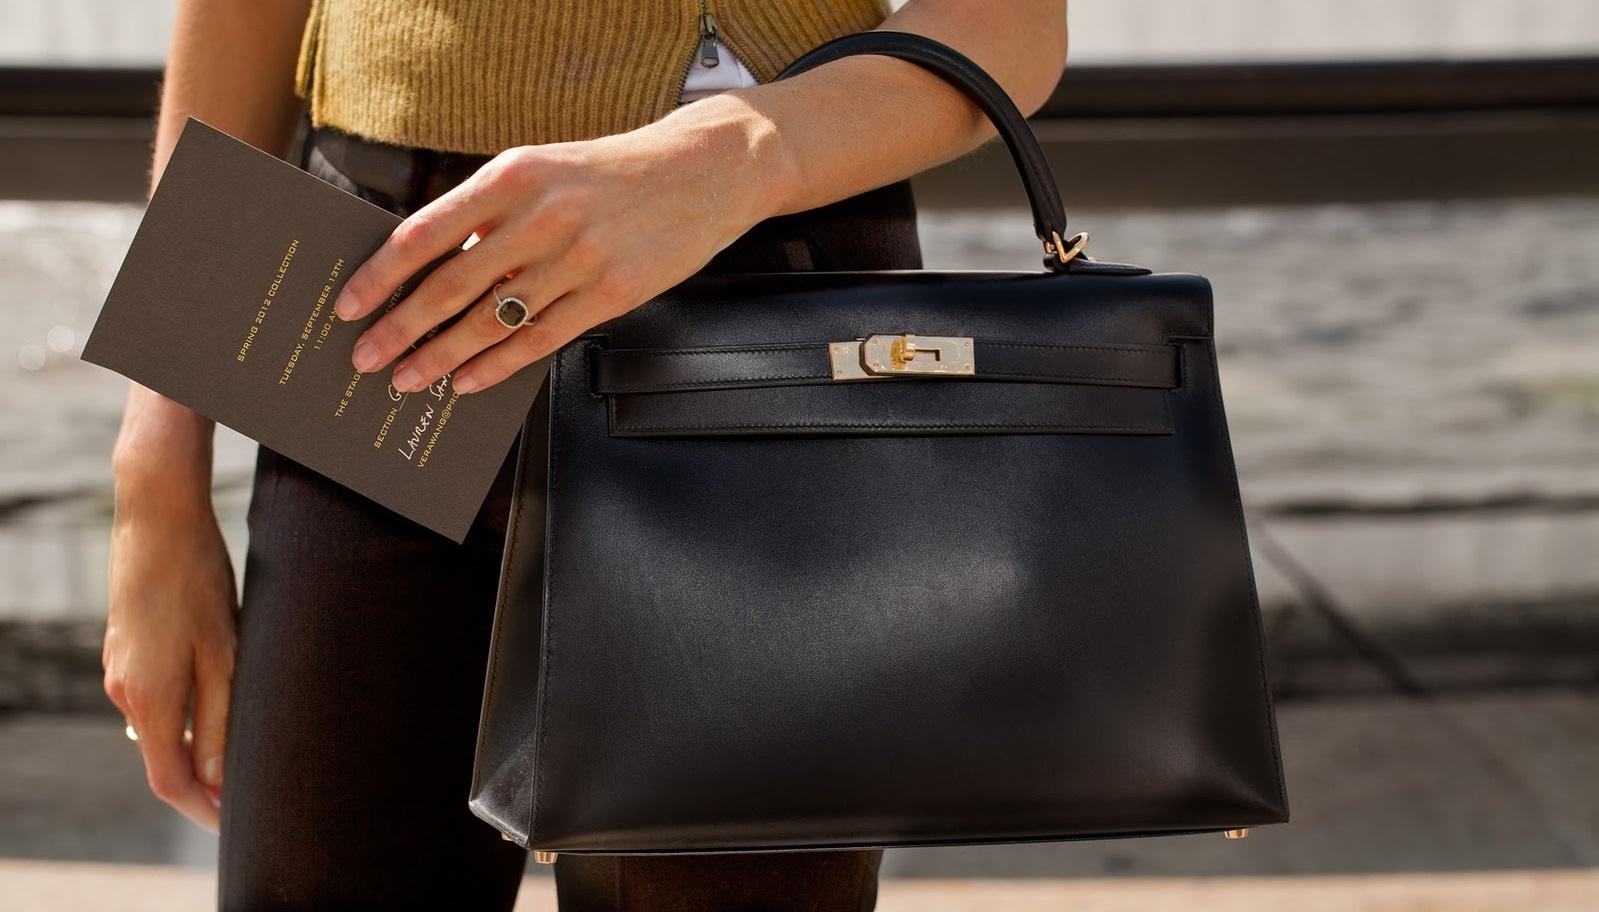 Sai riconoscere una borsa Hermes originale da un falso   TEST ... 8a19ffad4b0f